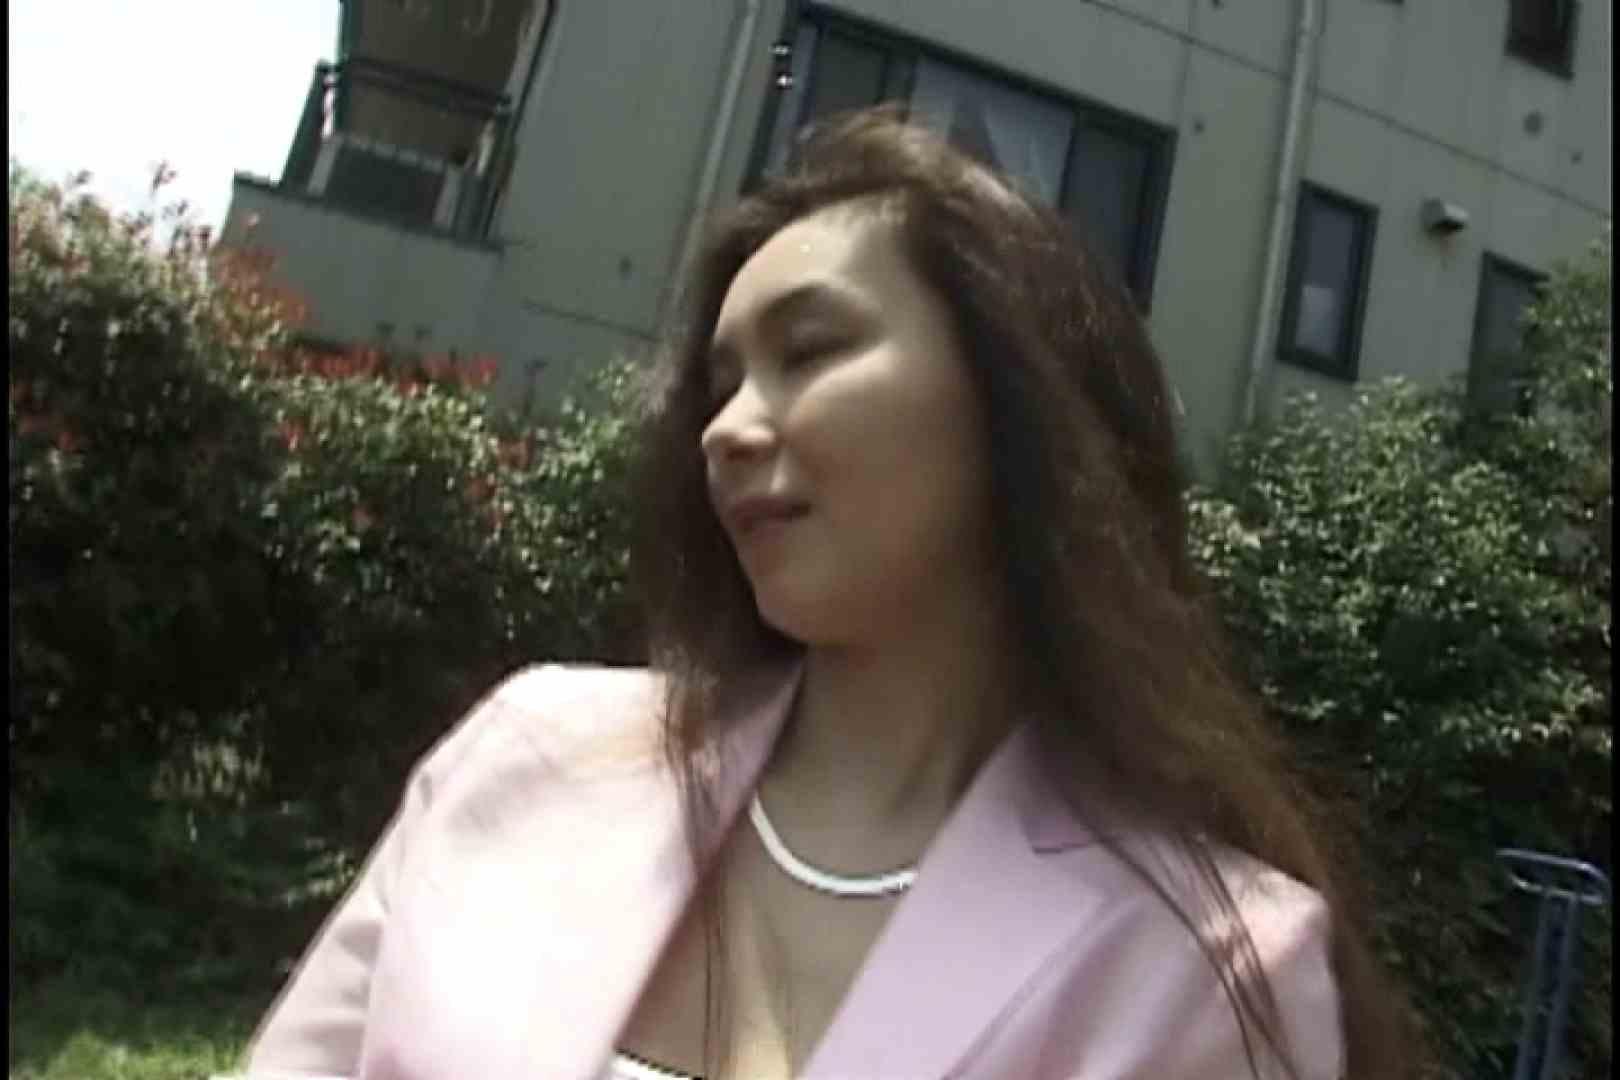 昼間の奥様は欲求不満 ~石田美和~ フェラ エロ画像 70PIX 11